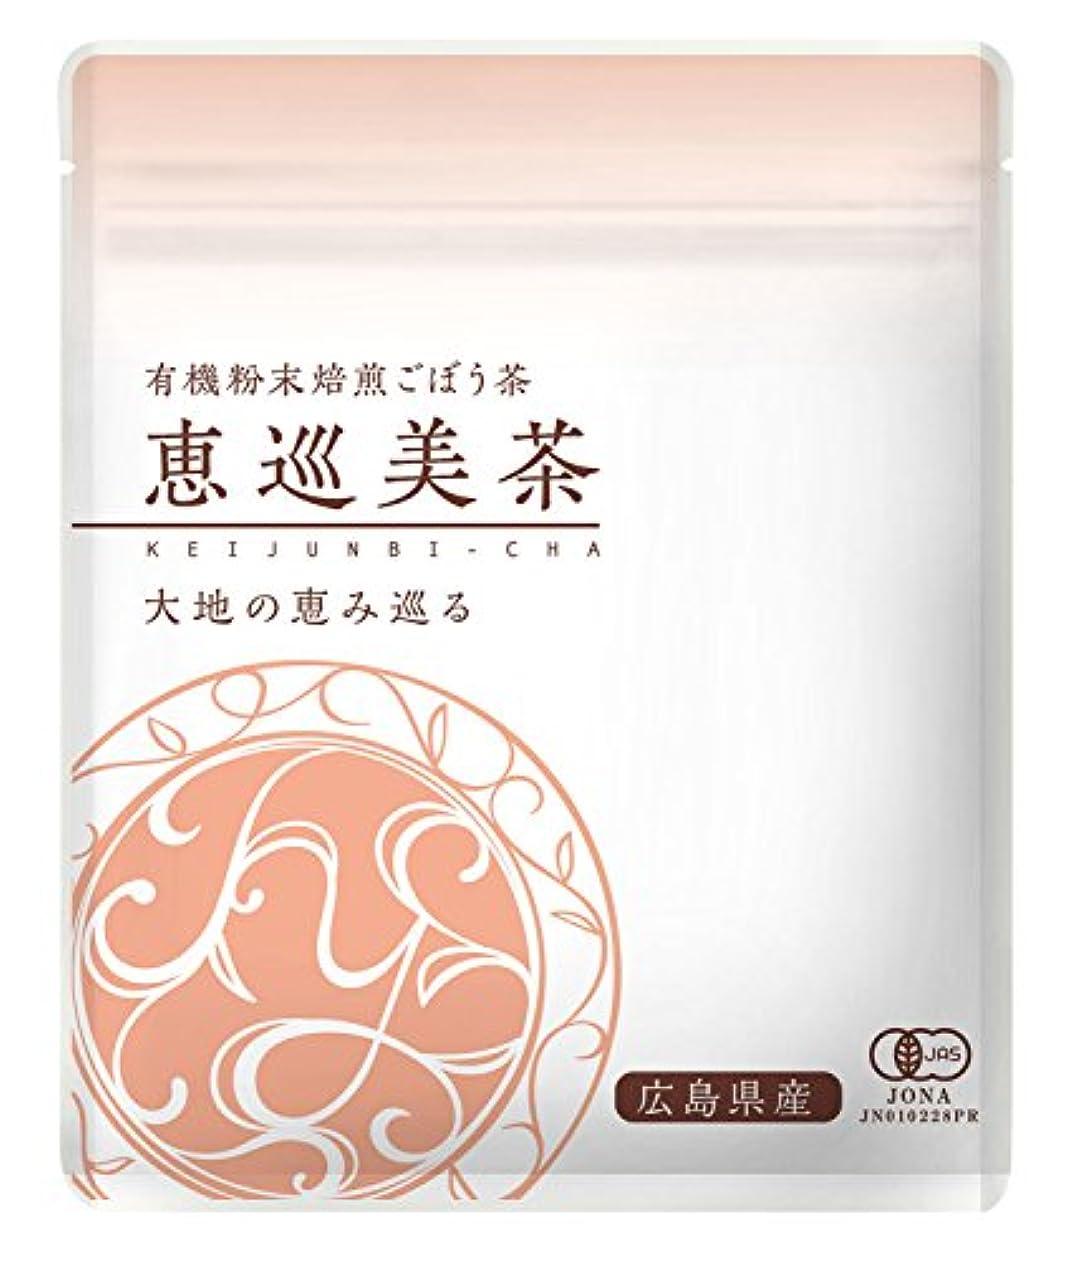 即席チップ蒸留こだま食品 恵巡美茶有機粉末焙煎ごぼう茶 2g×15包 302037009